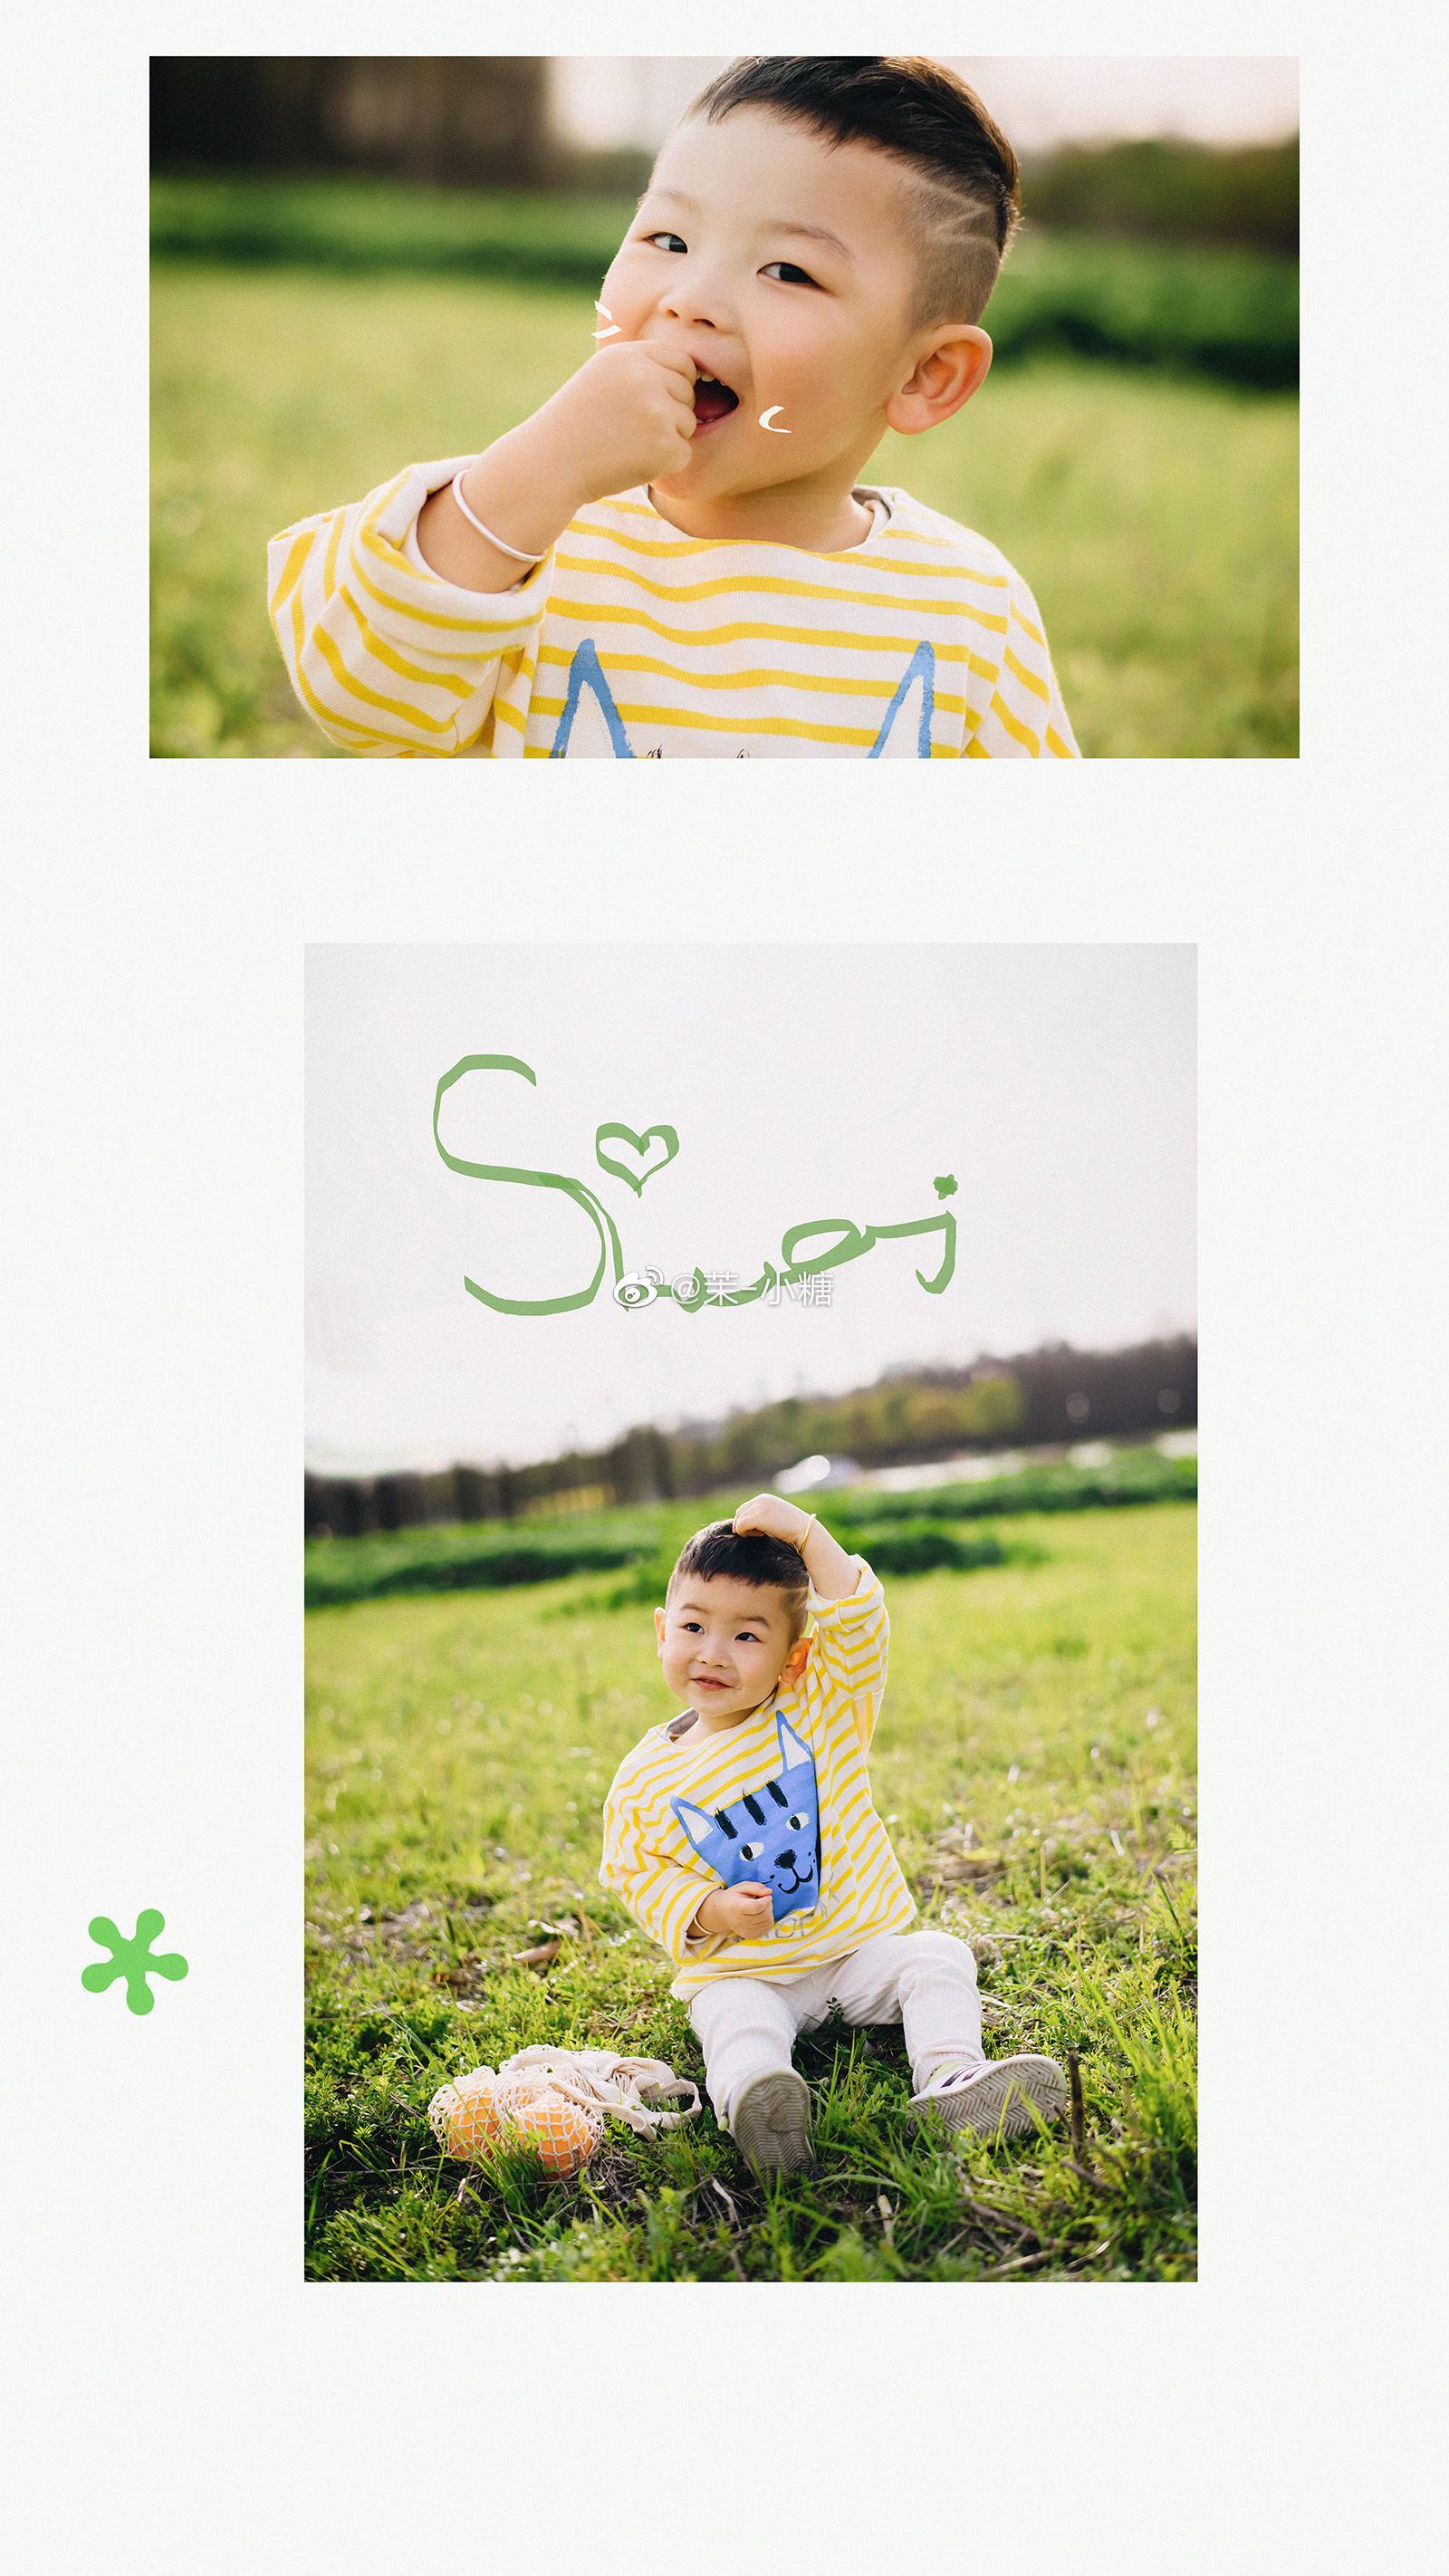 抓住一只小帅哥3周岁生日快乐@尼康中国 @人像摄影